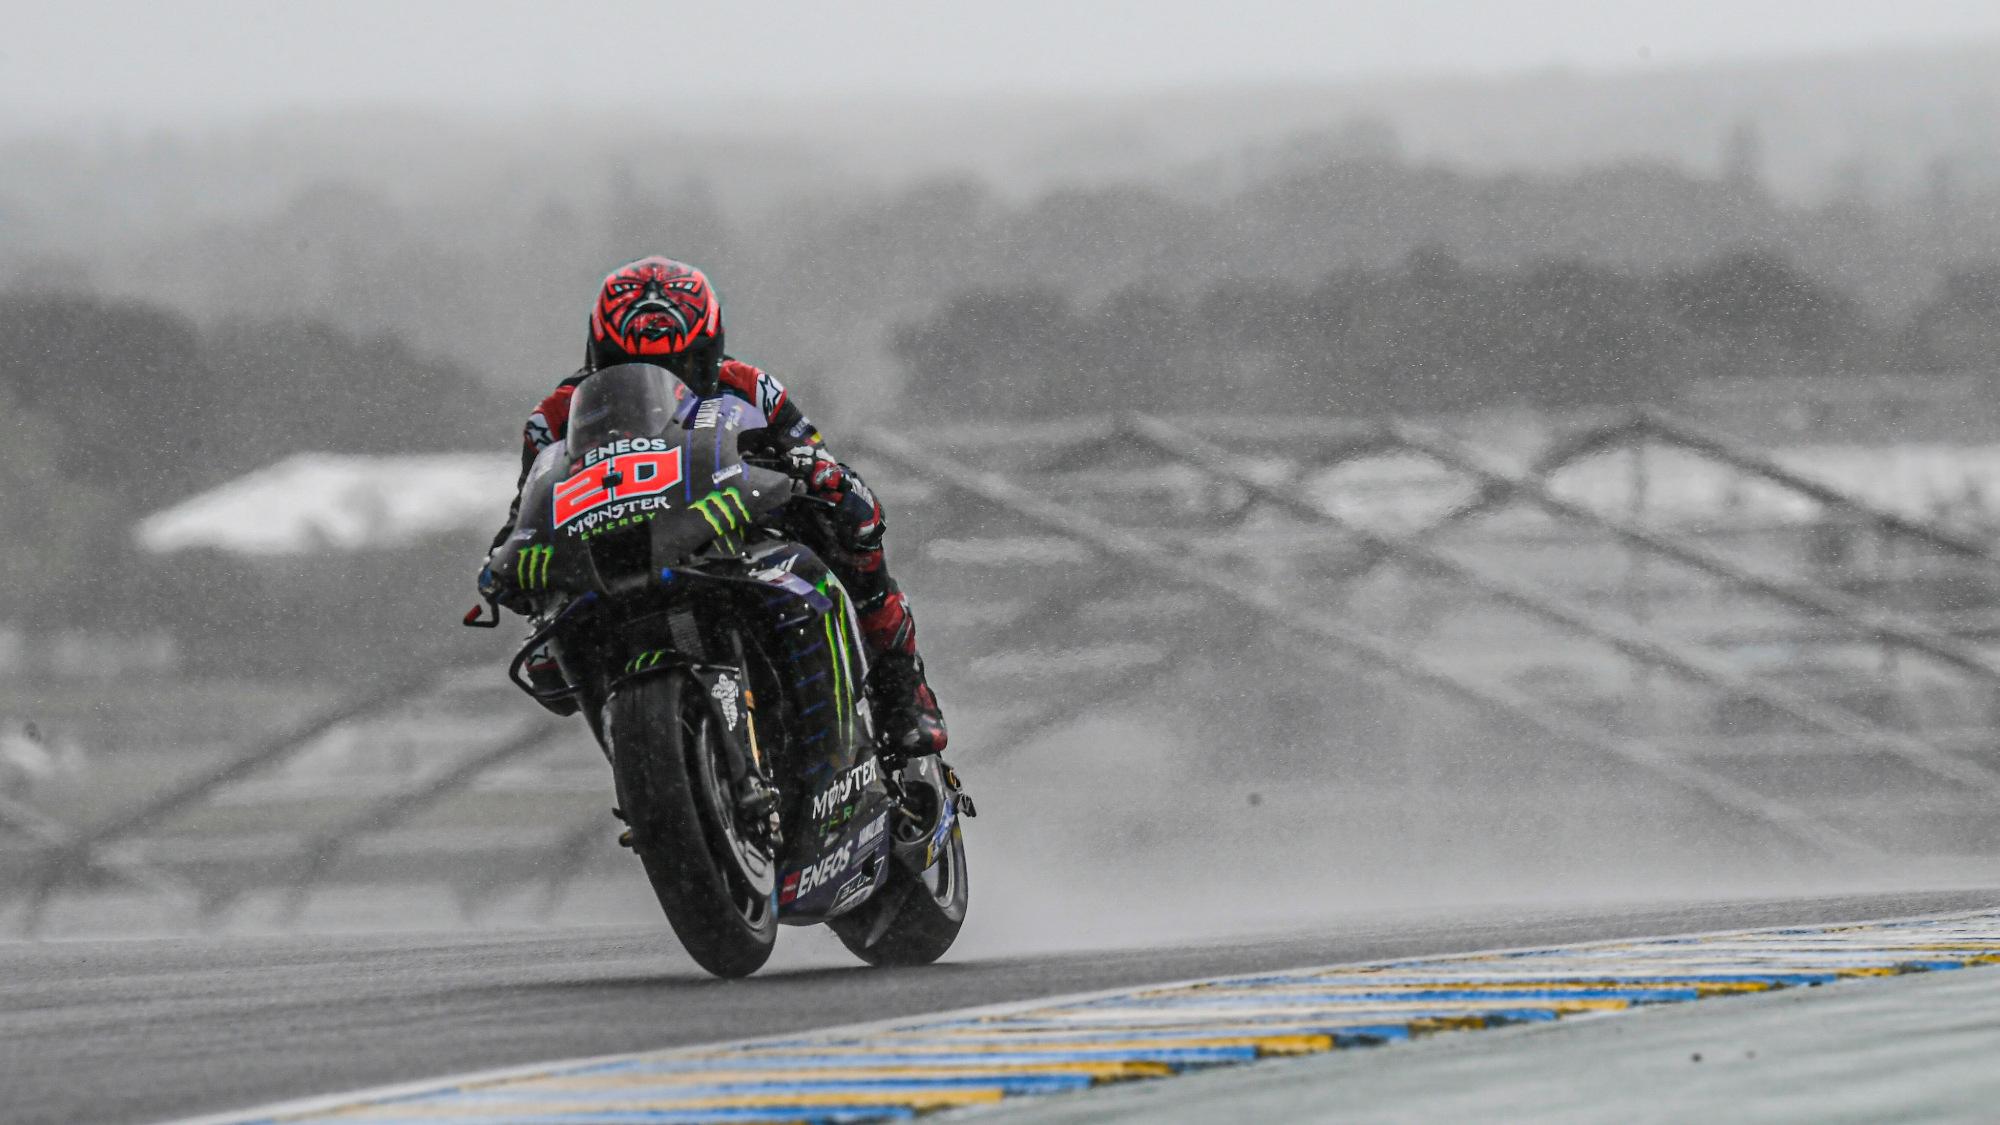 Fabio Quartararo, 2021 Le Mans MotoGP